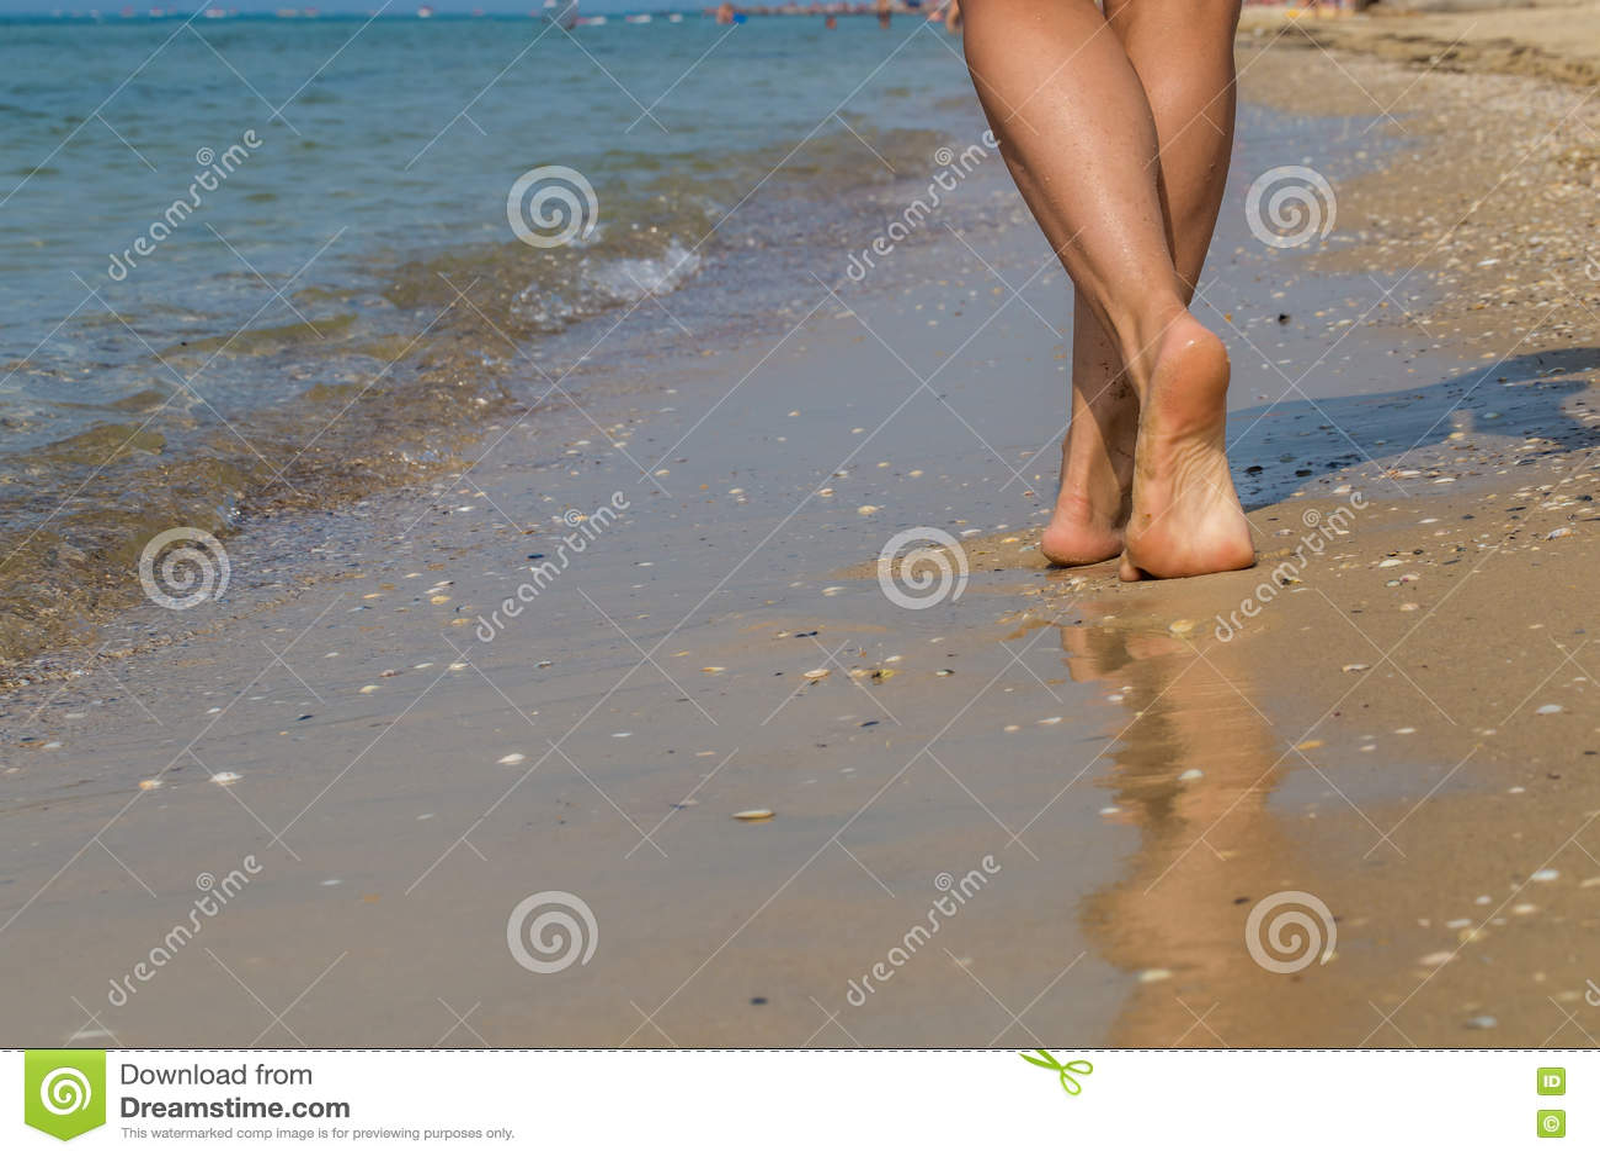 beach Sexy feet at